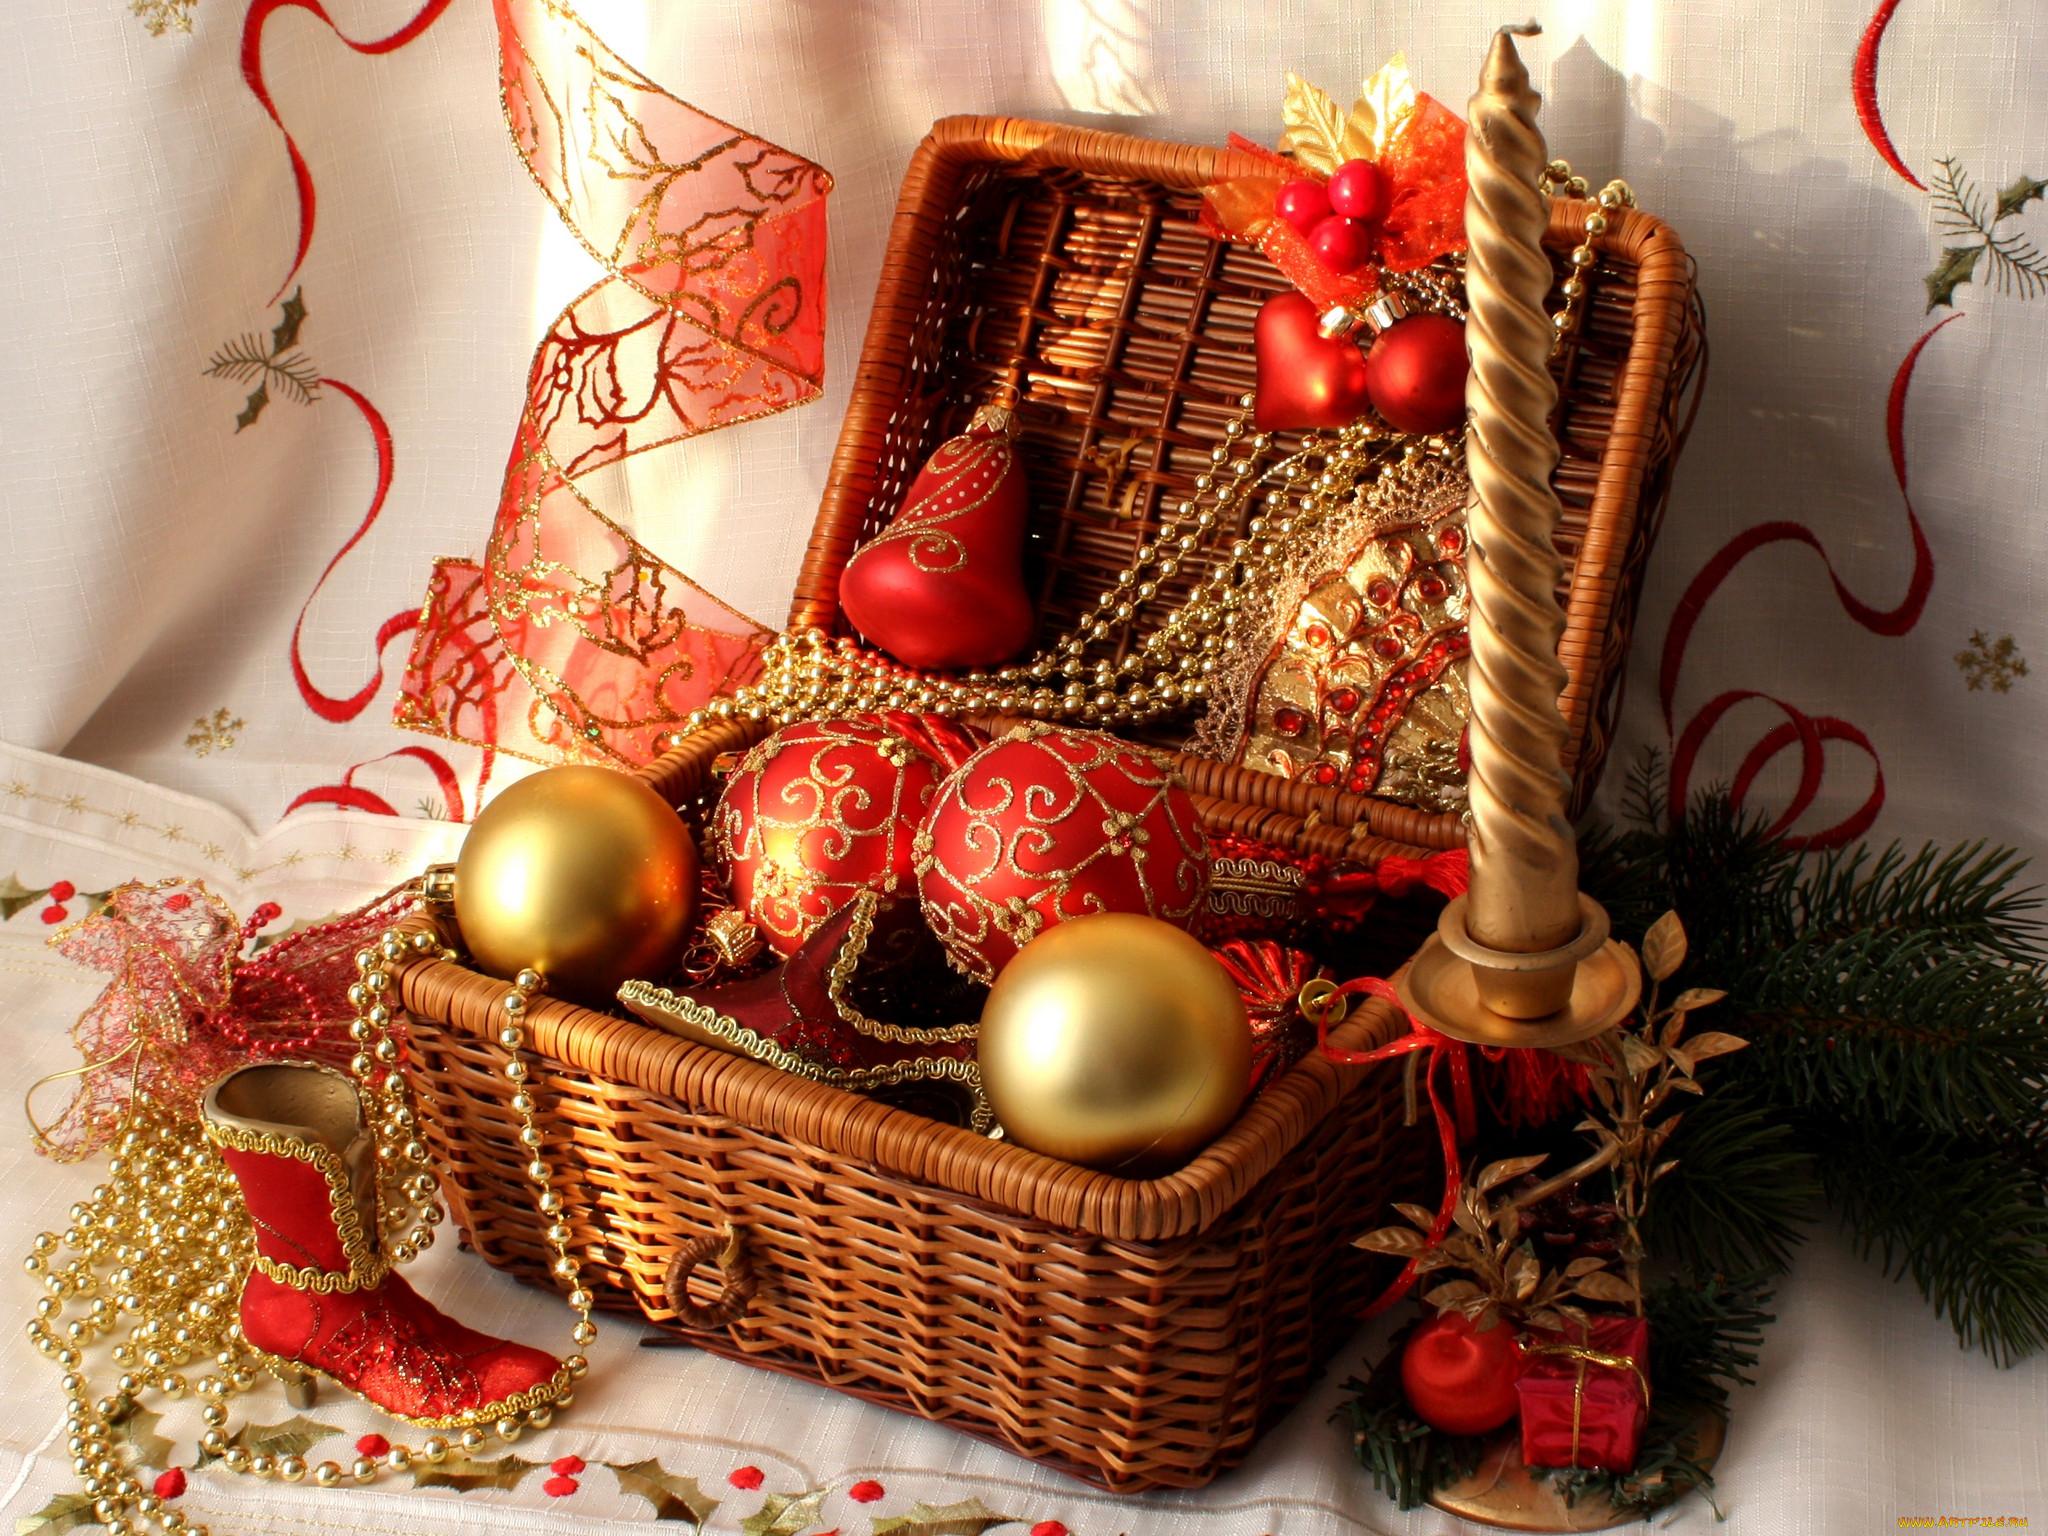 картинки с рождественской тематикой